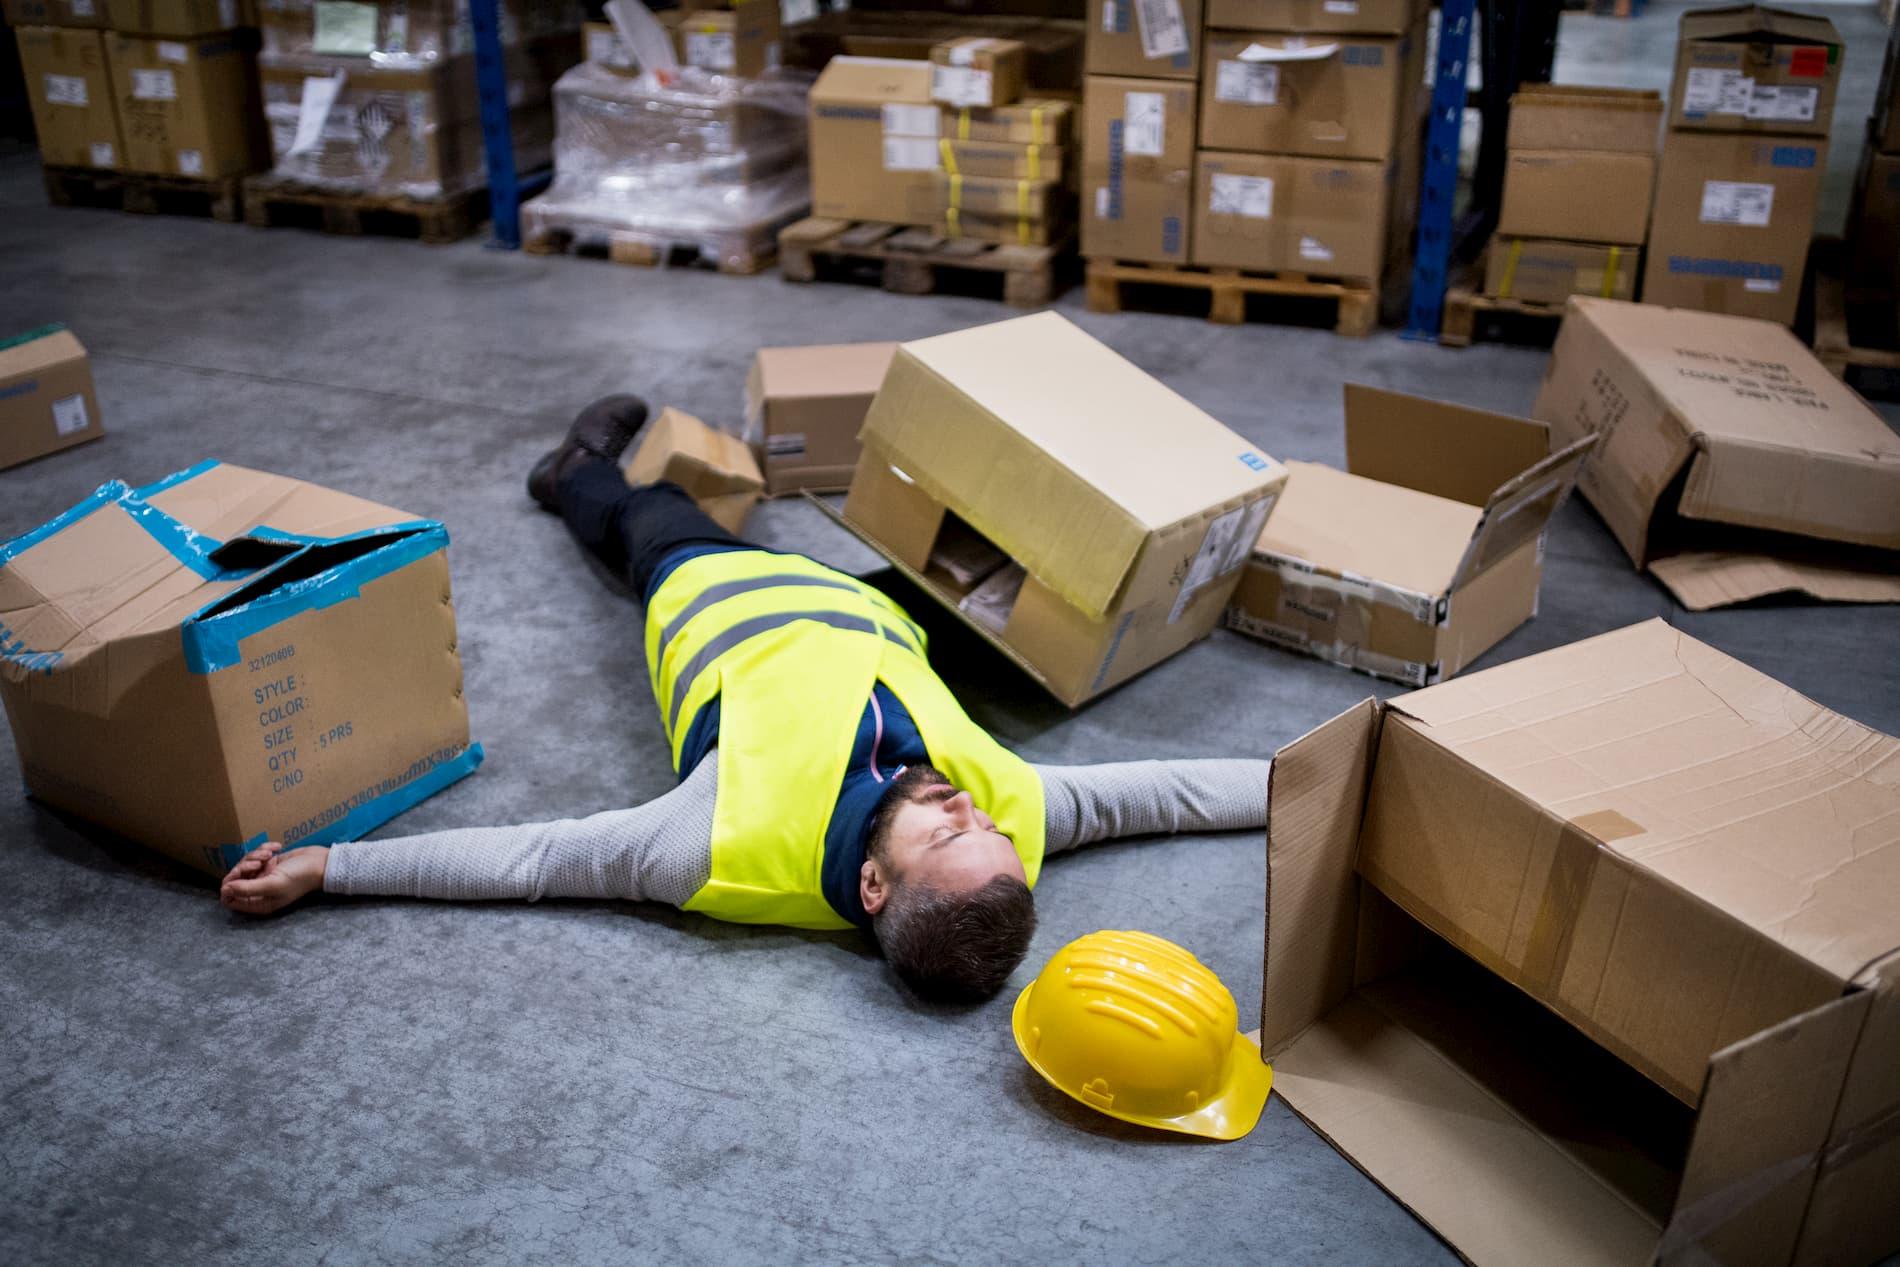 Arbeitsunfall: Wie du im Notfall richtig handelst